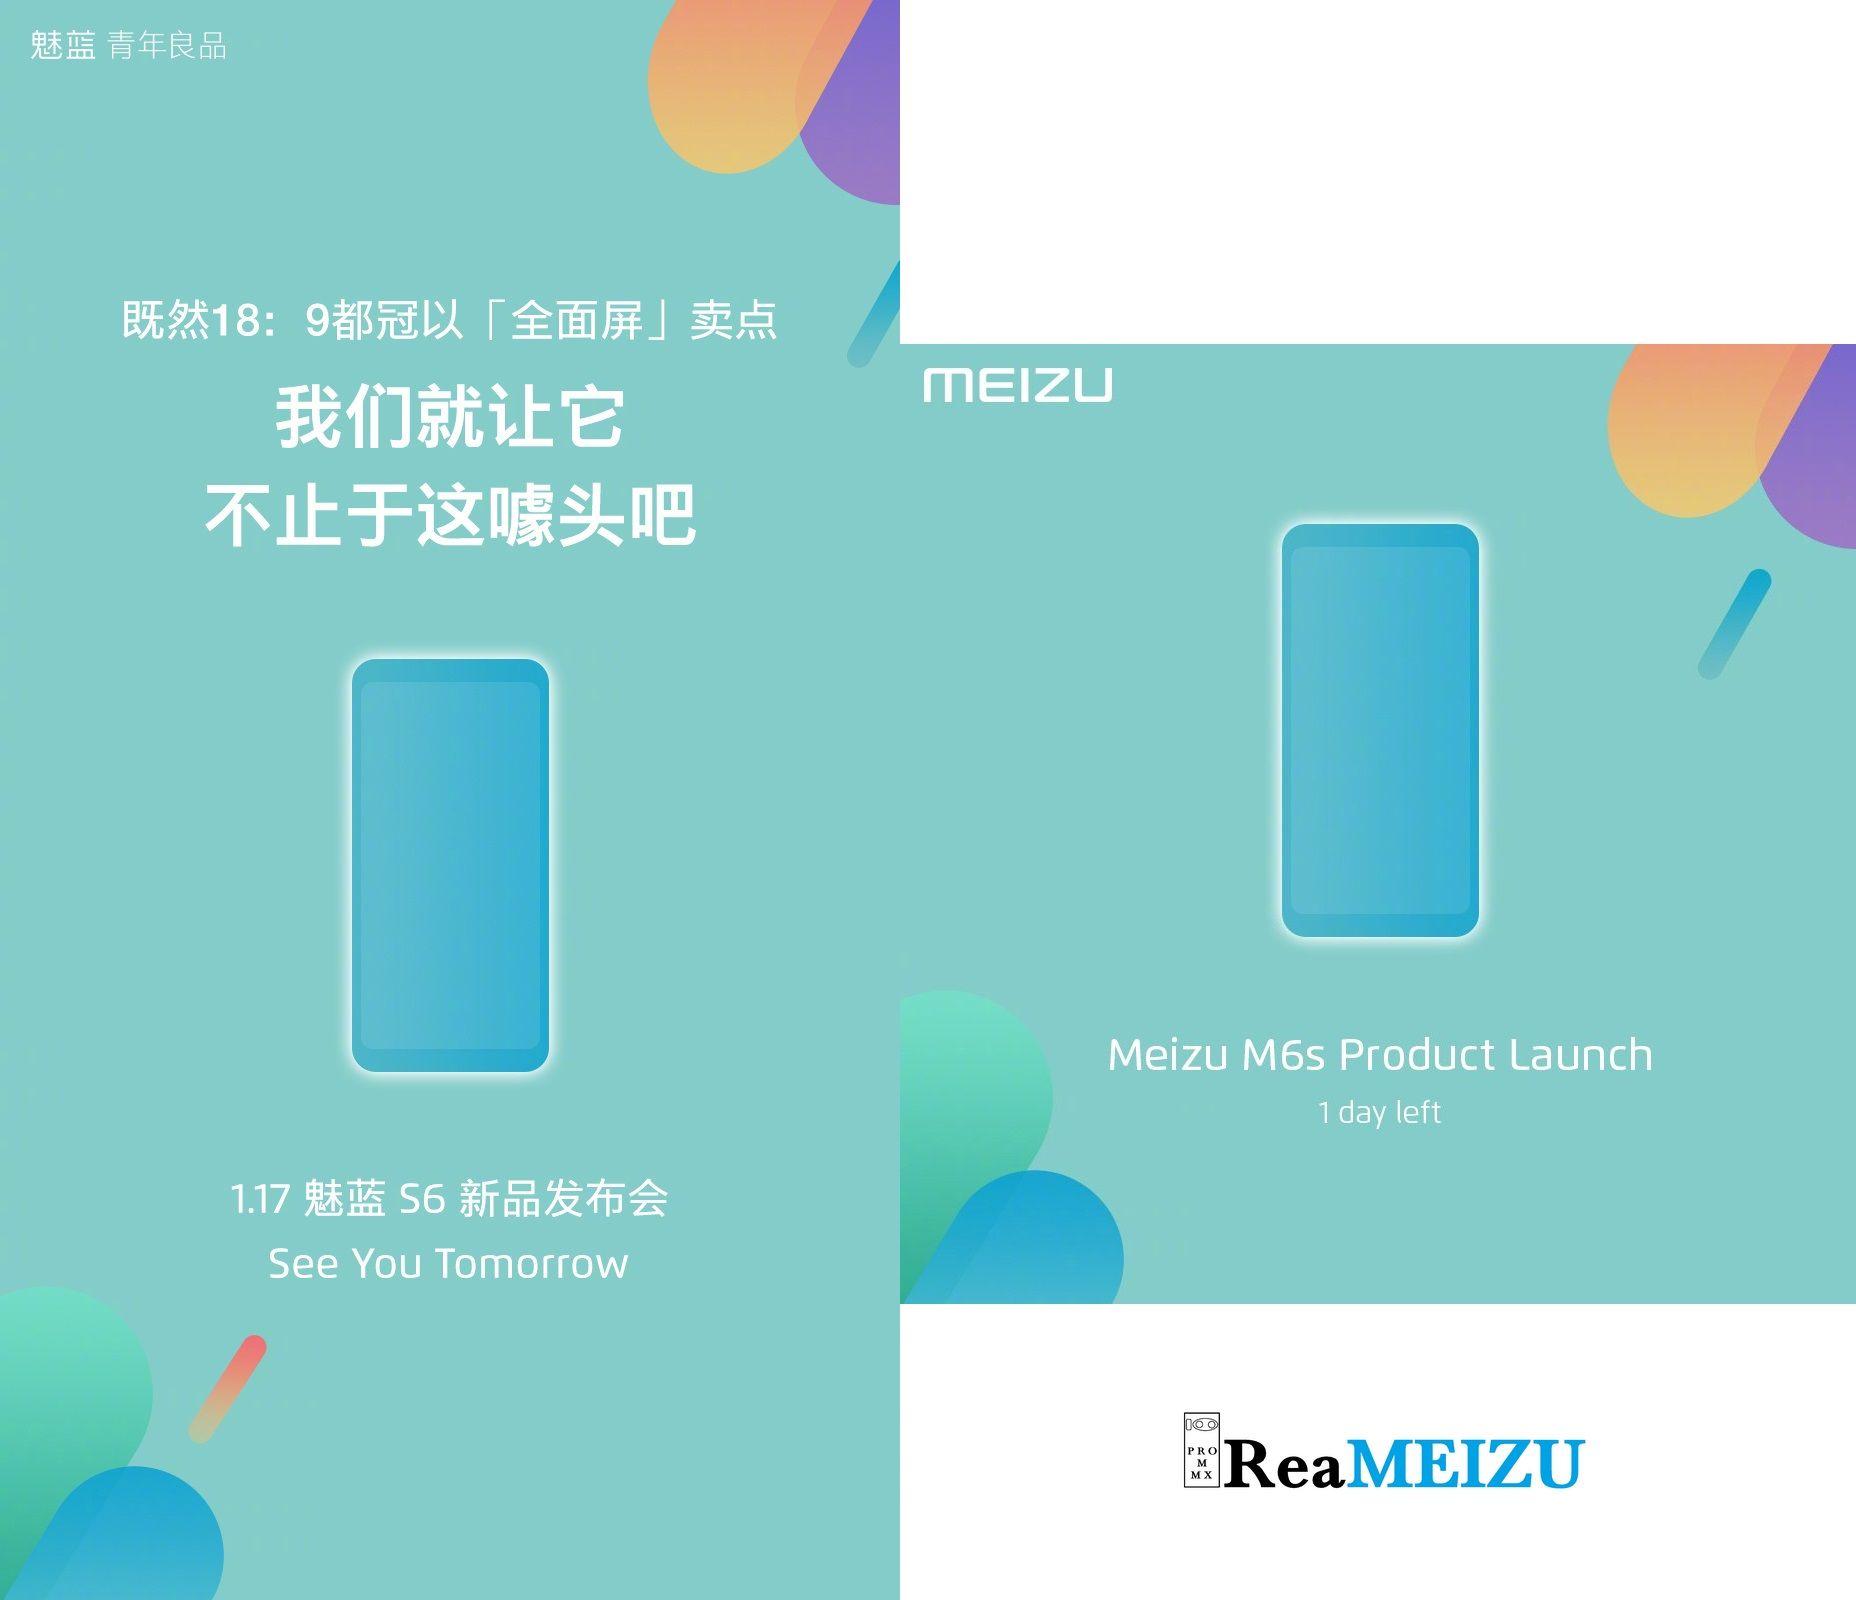 魅藍 S6(Meizu mblu S6/Meizu M6s)の発表前日を告知する画像はディスプレイについて